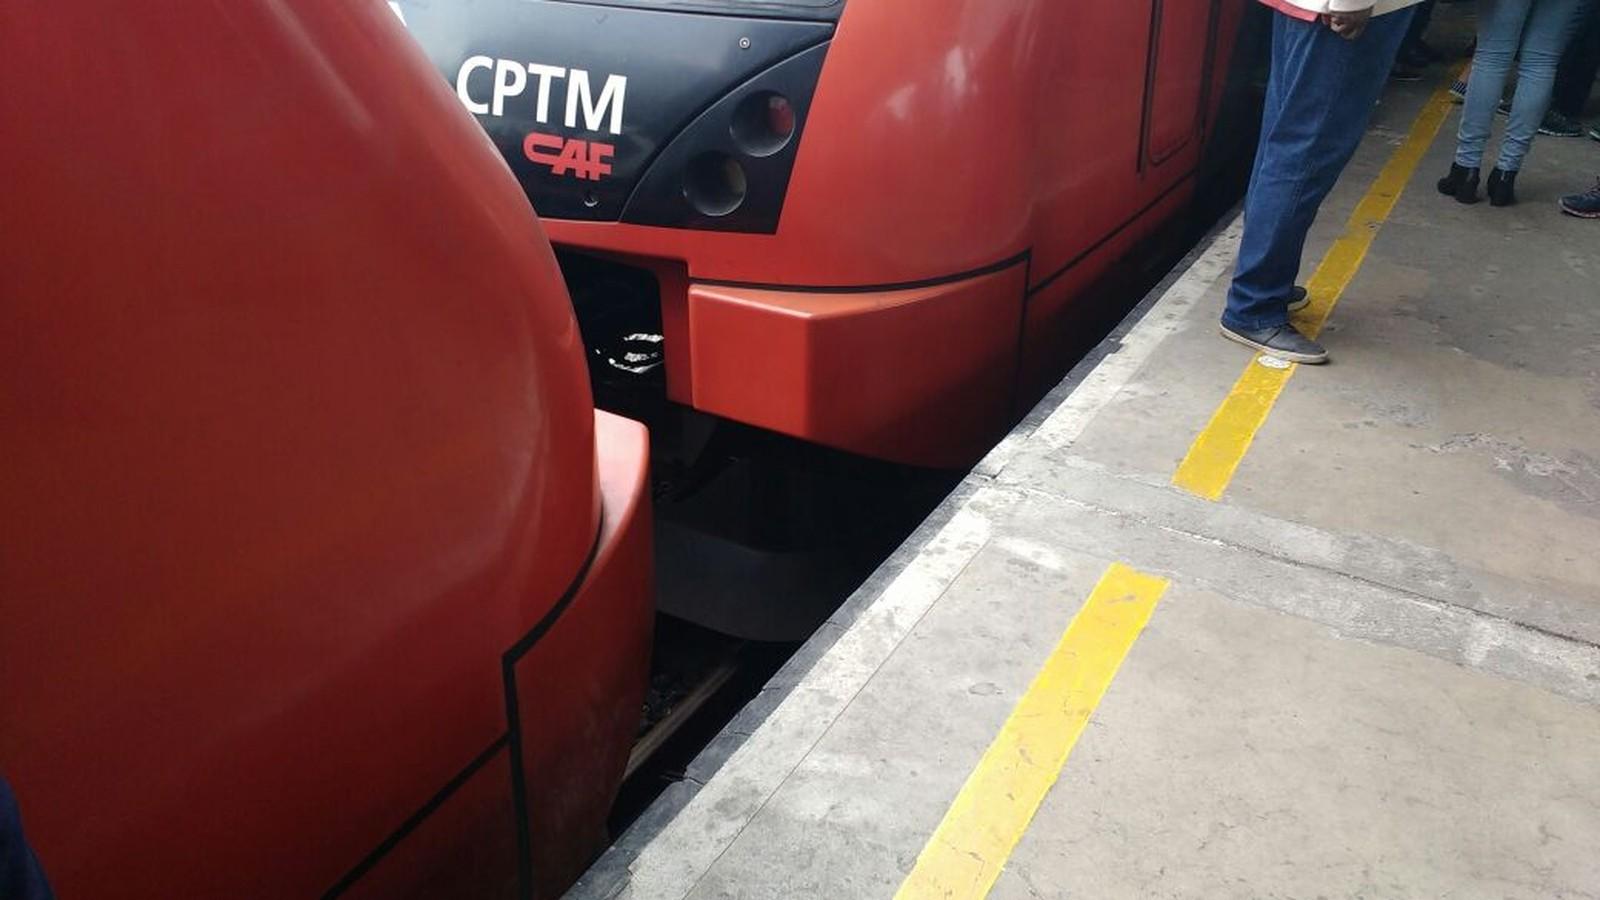 CPTM cria 'plataforma de borracha' nas estações Luz e Brás